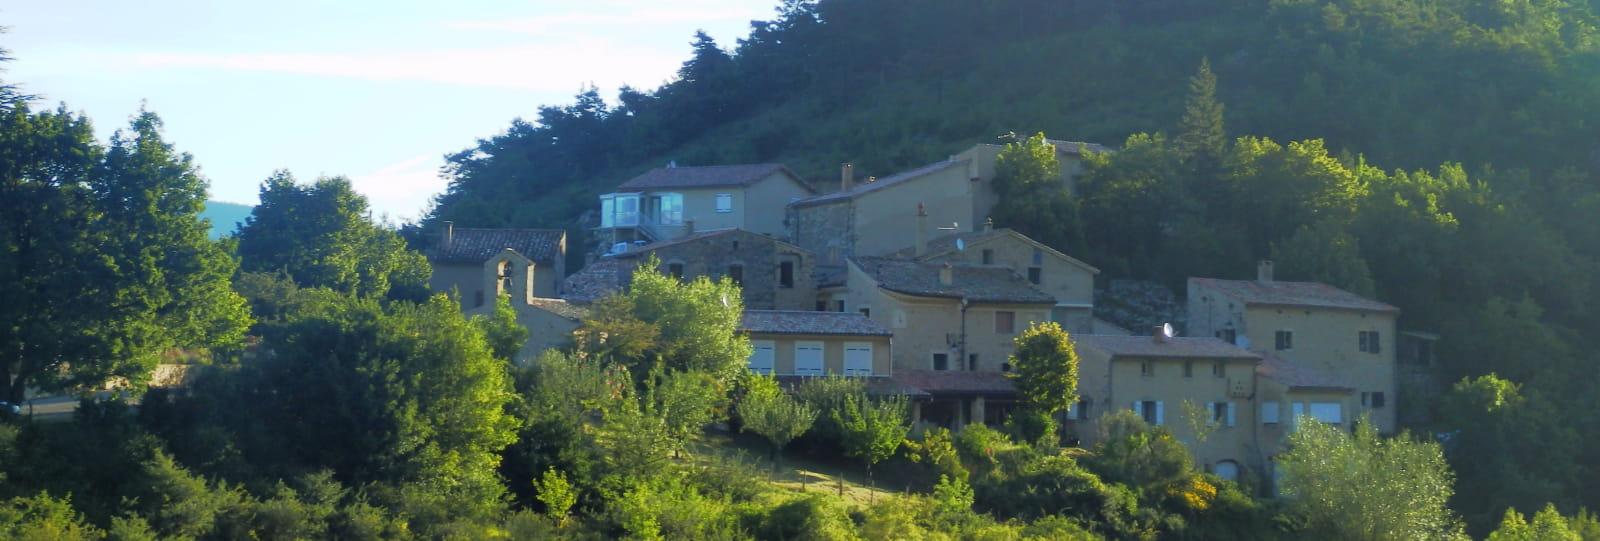 Circuit VTT n°6 - Gorges de St Moirans/ les Auberts